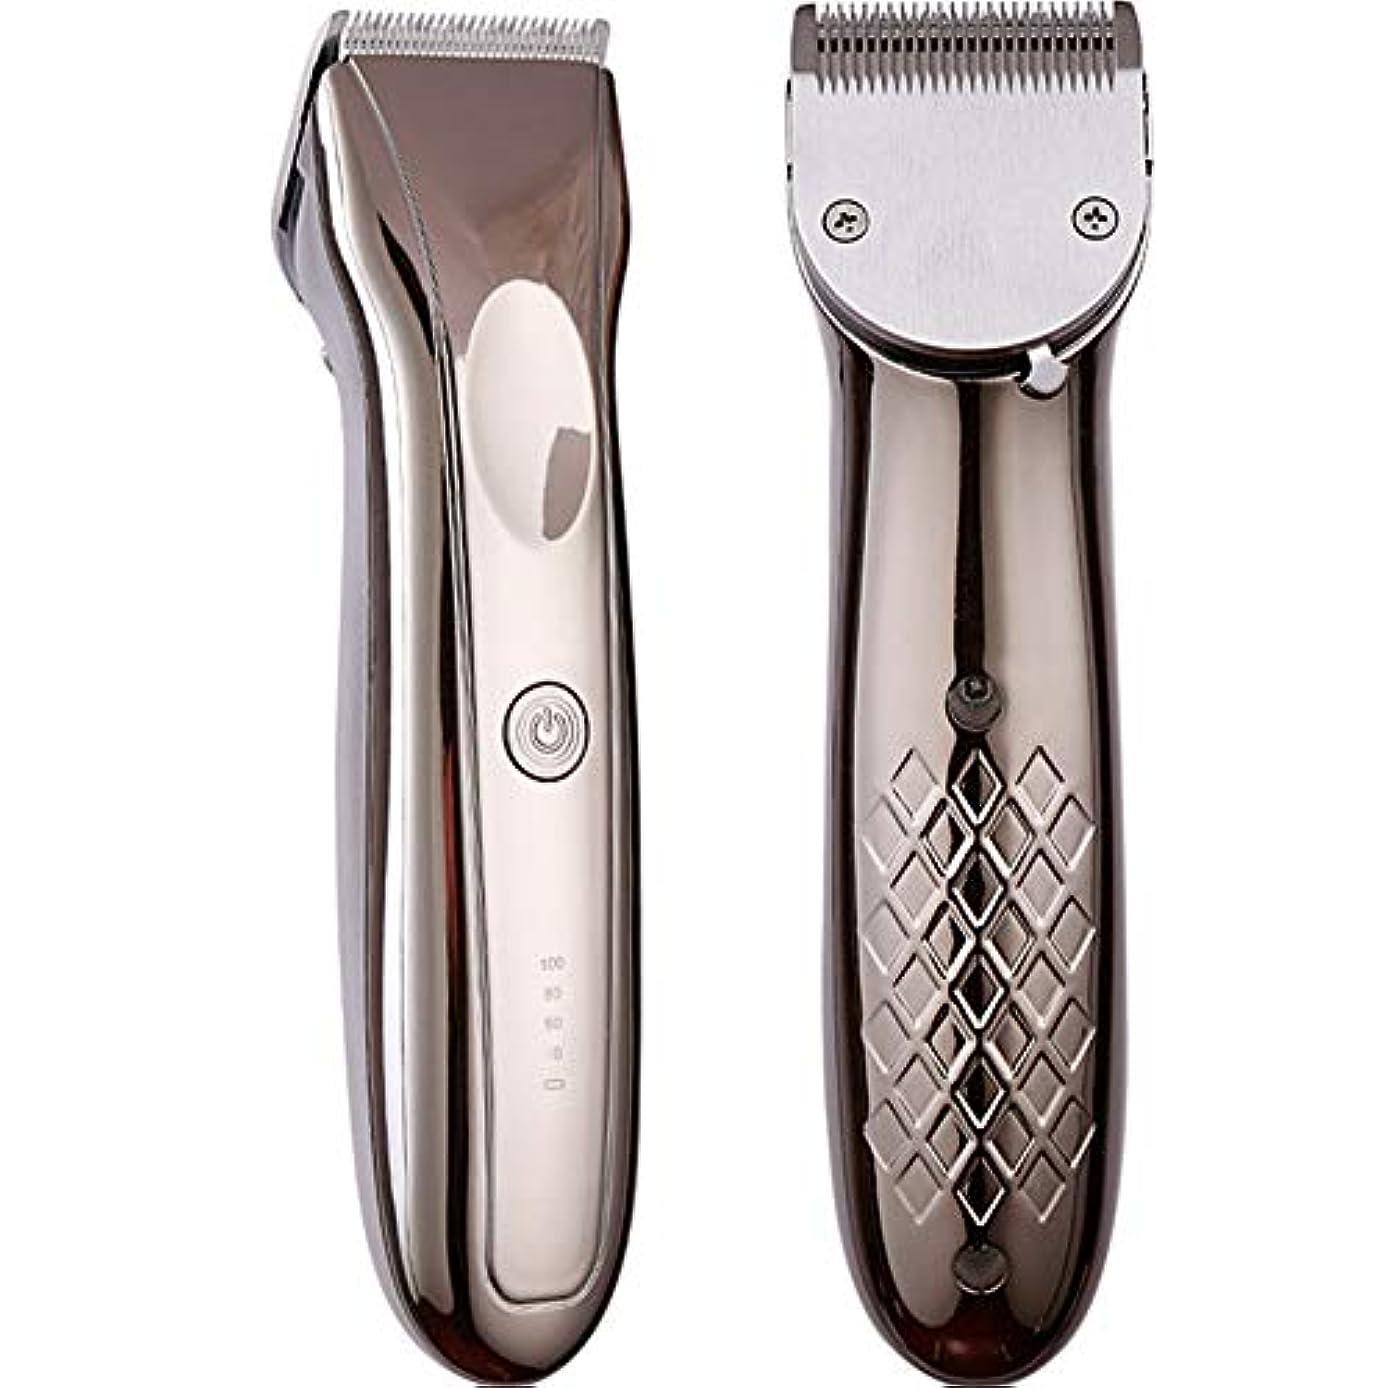 希望に満ちた推測する構成員バリカンledトリマー男性0.8-2.8ミリメートルプロフェッショナル電気ステンレス鋼切断機理髪散髪ツール